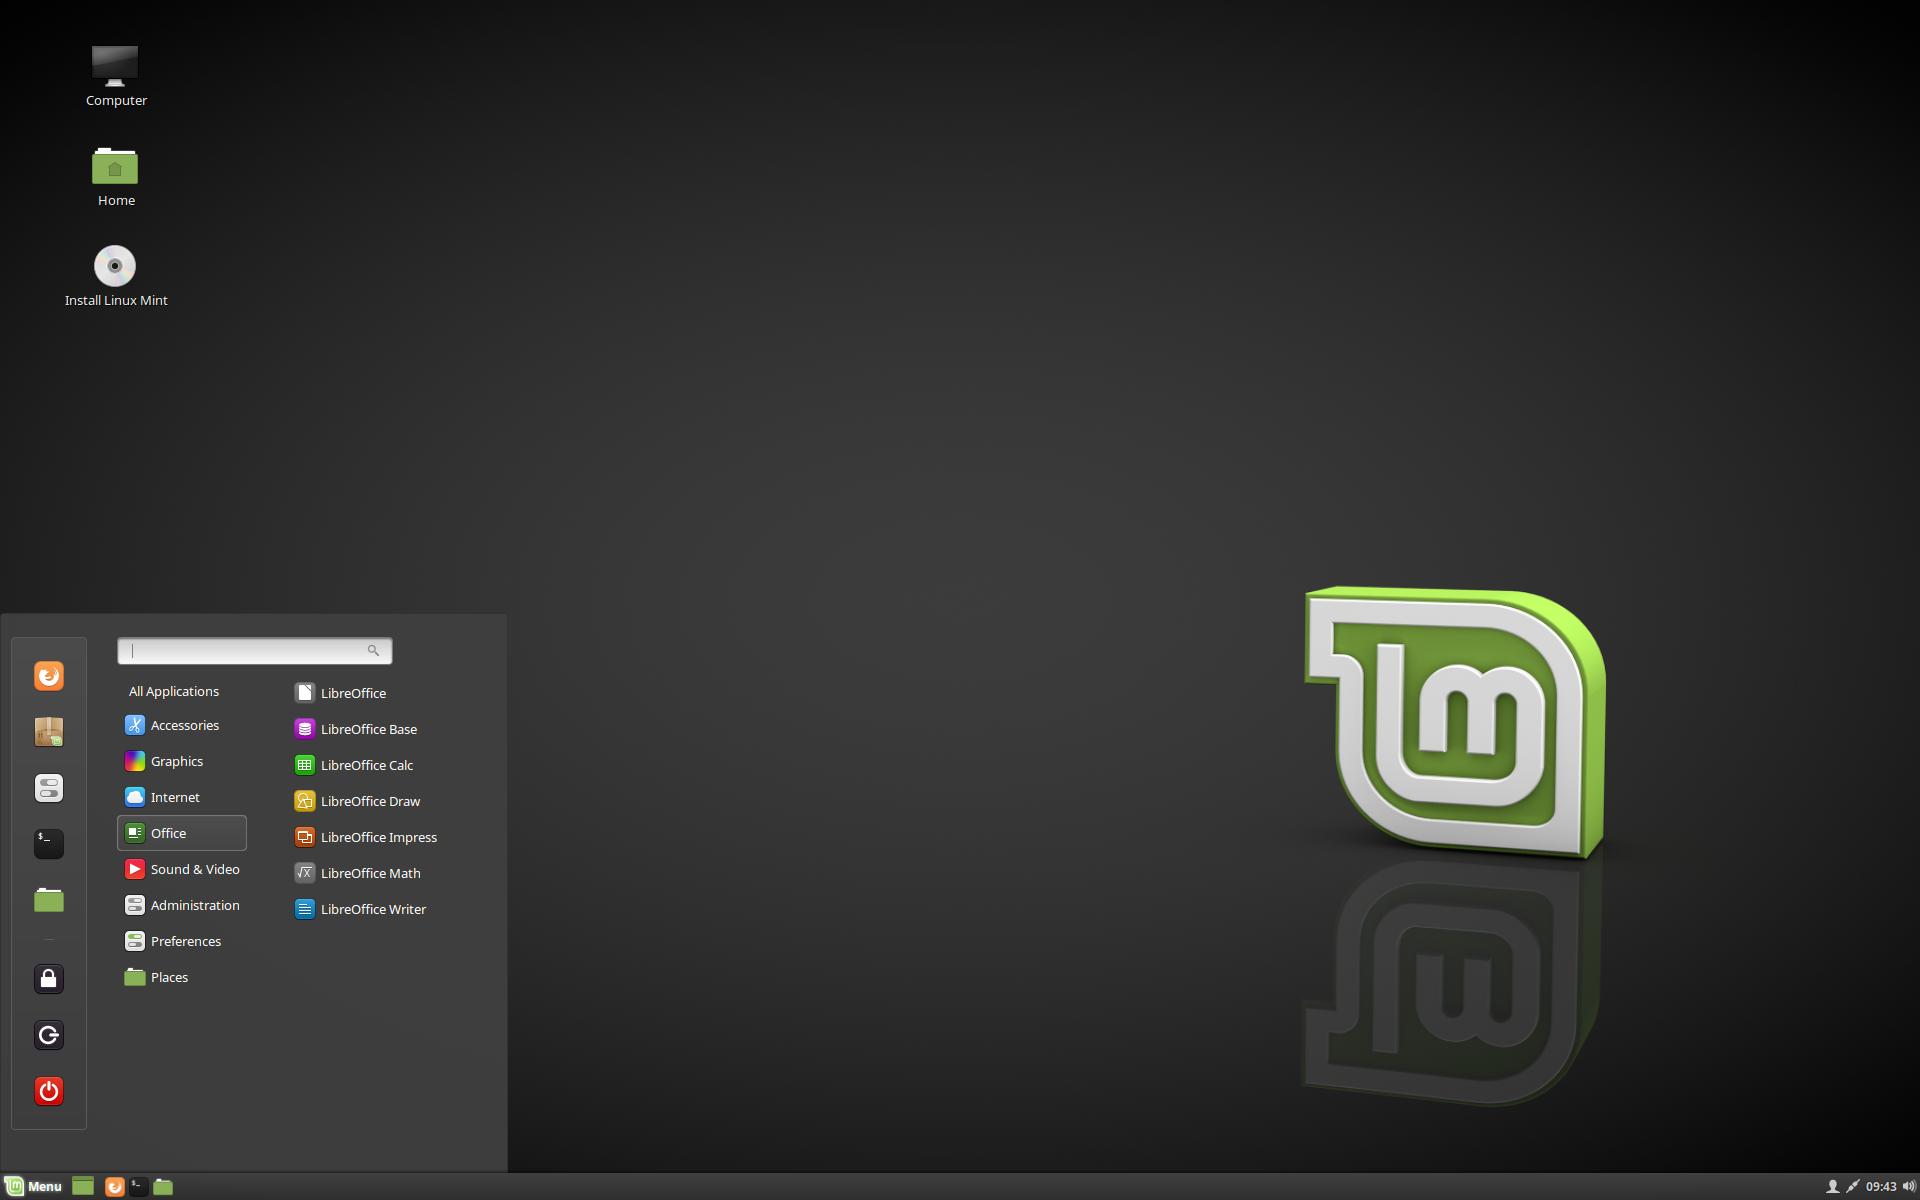 Escolha A Edicao Correta Documentacao Linux Mint Installation Guide